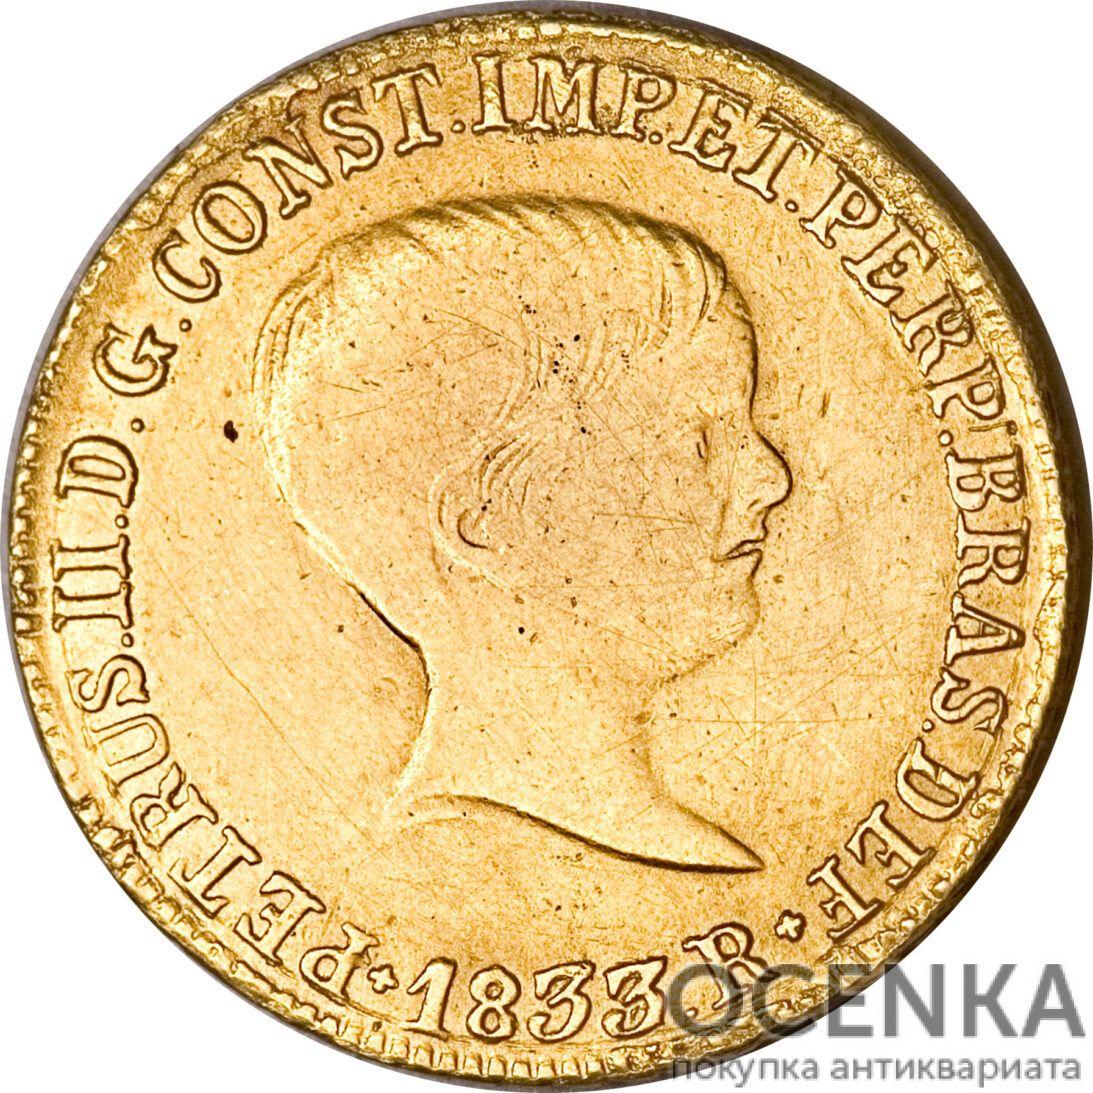 Золотая монета 4000 рейсов (4000 Réis) Бразилия - 5